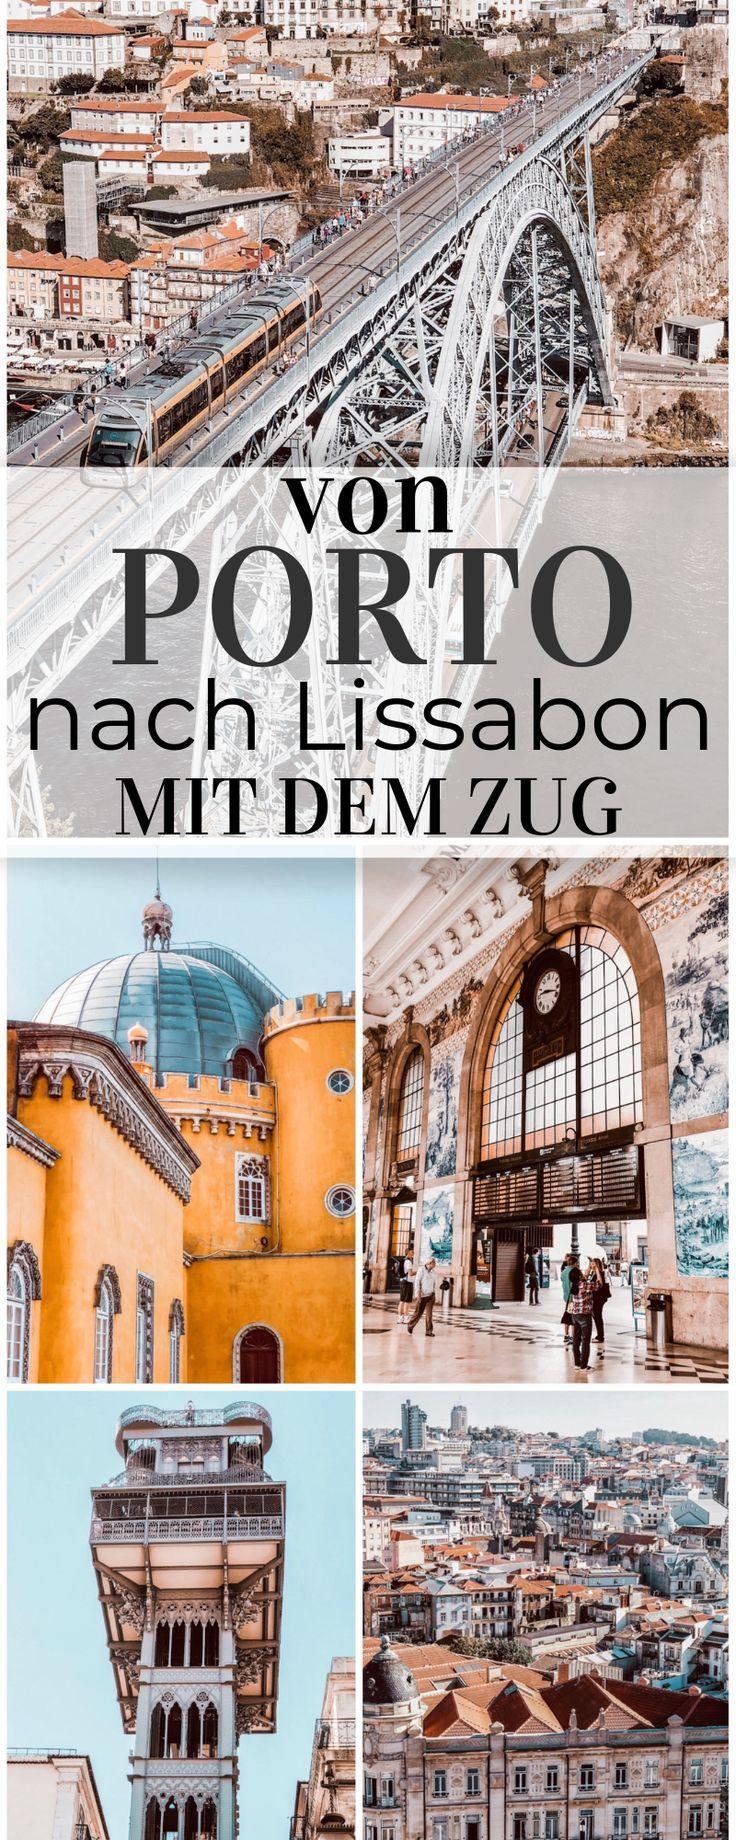 Mit Dem Zug Von Porto Nach Lissabon Urlaub In Portugal Urlaub